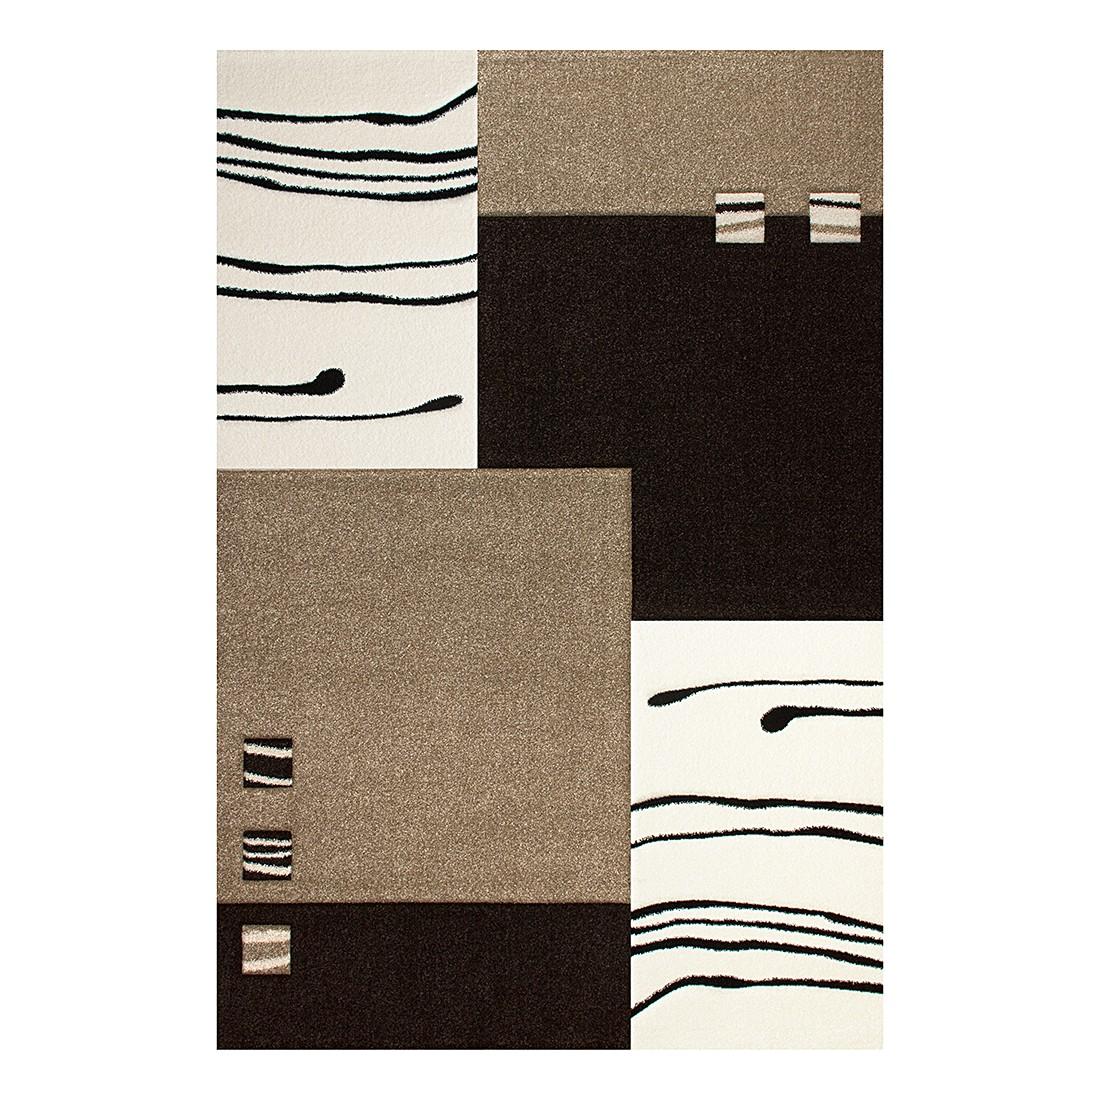 Teppich Maud – Beige – 200 x 290 cm, Obsession günstig online kaufen